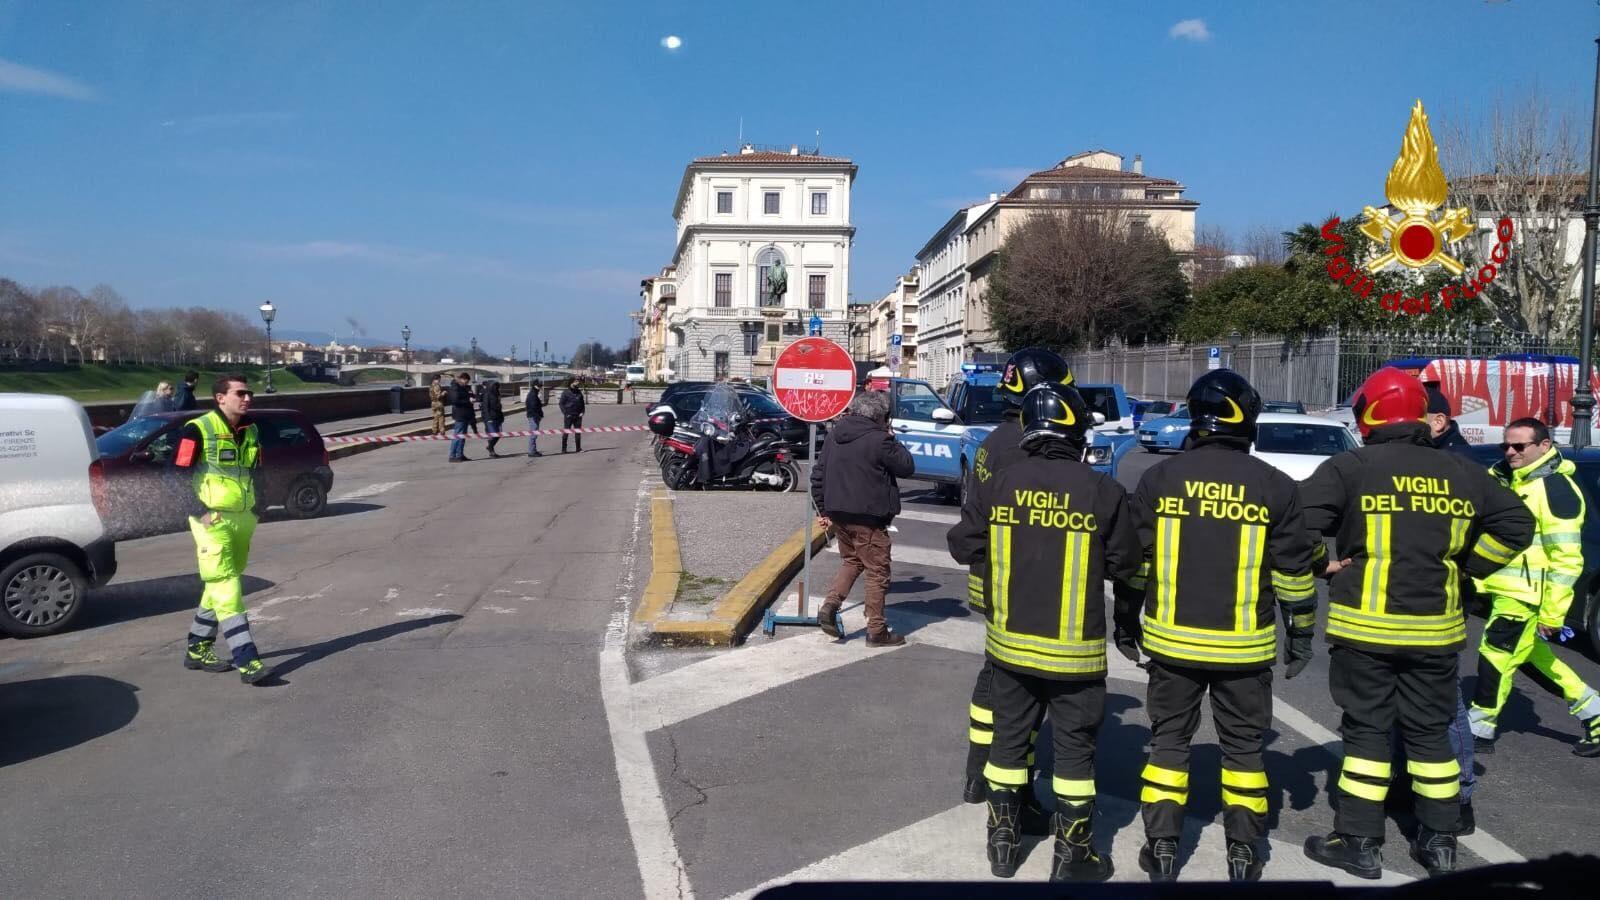 Contenitore sospetto vicino al consolato Usa di Firenze, falso allarme